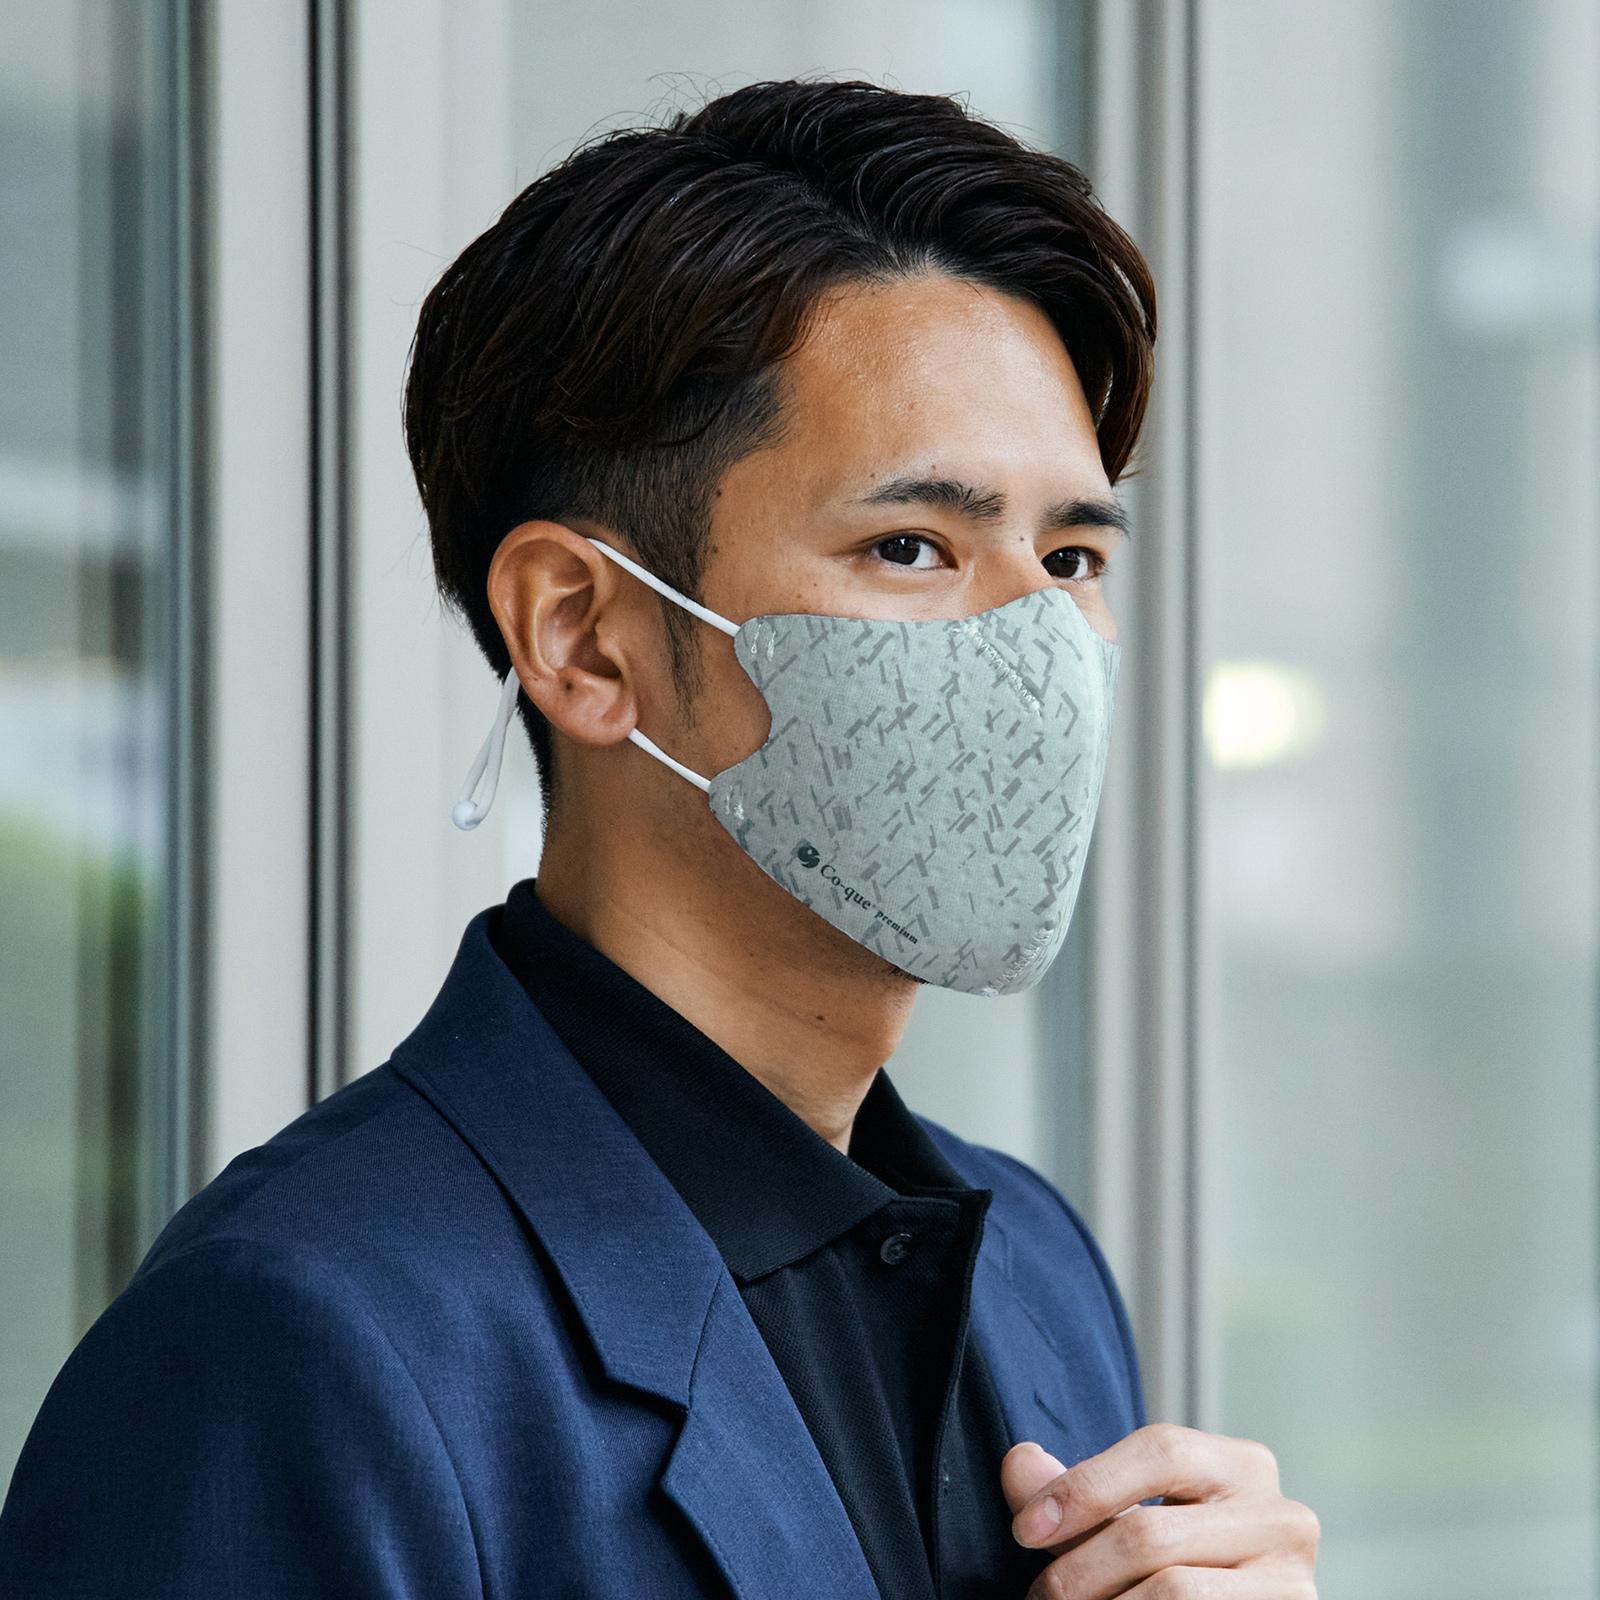 【単色購入】呼吸 Co-que プレミアム  シルバーテクスチャー